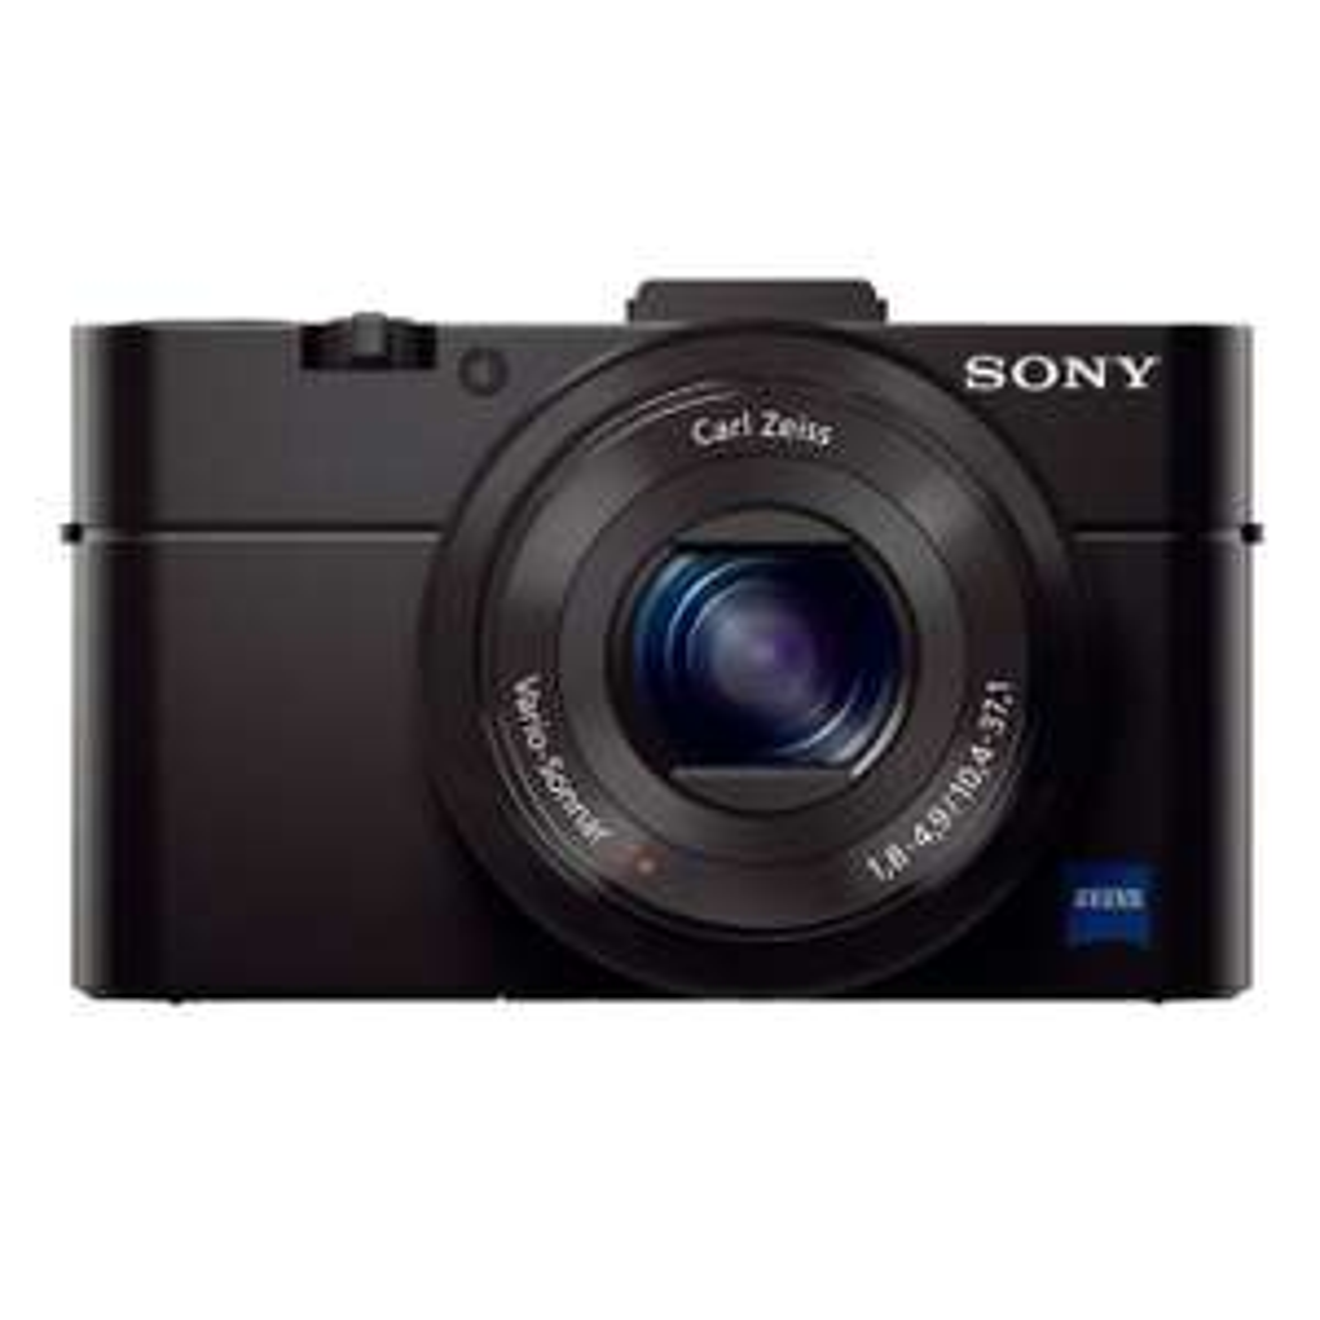 Appareil Photo Numérique Sony CyberShot DSC-RX100M2 - 20.9MP